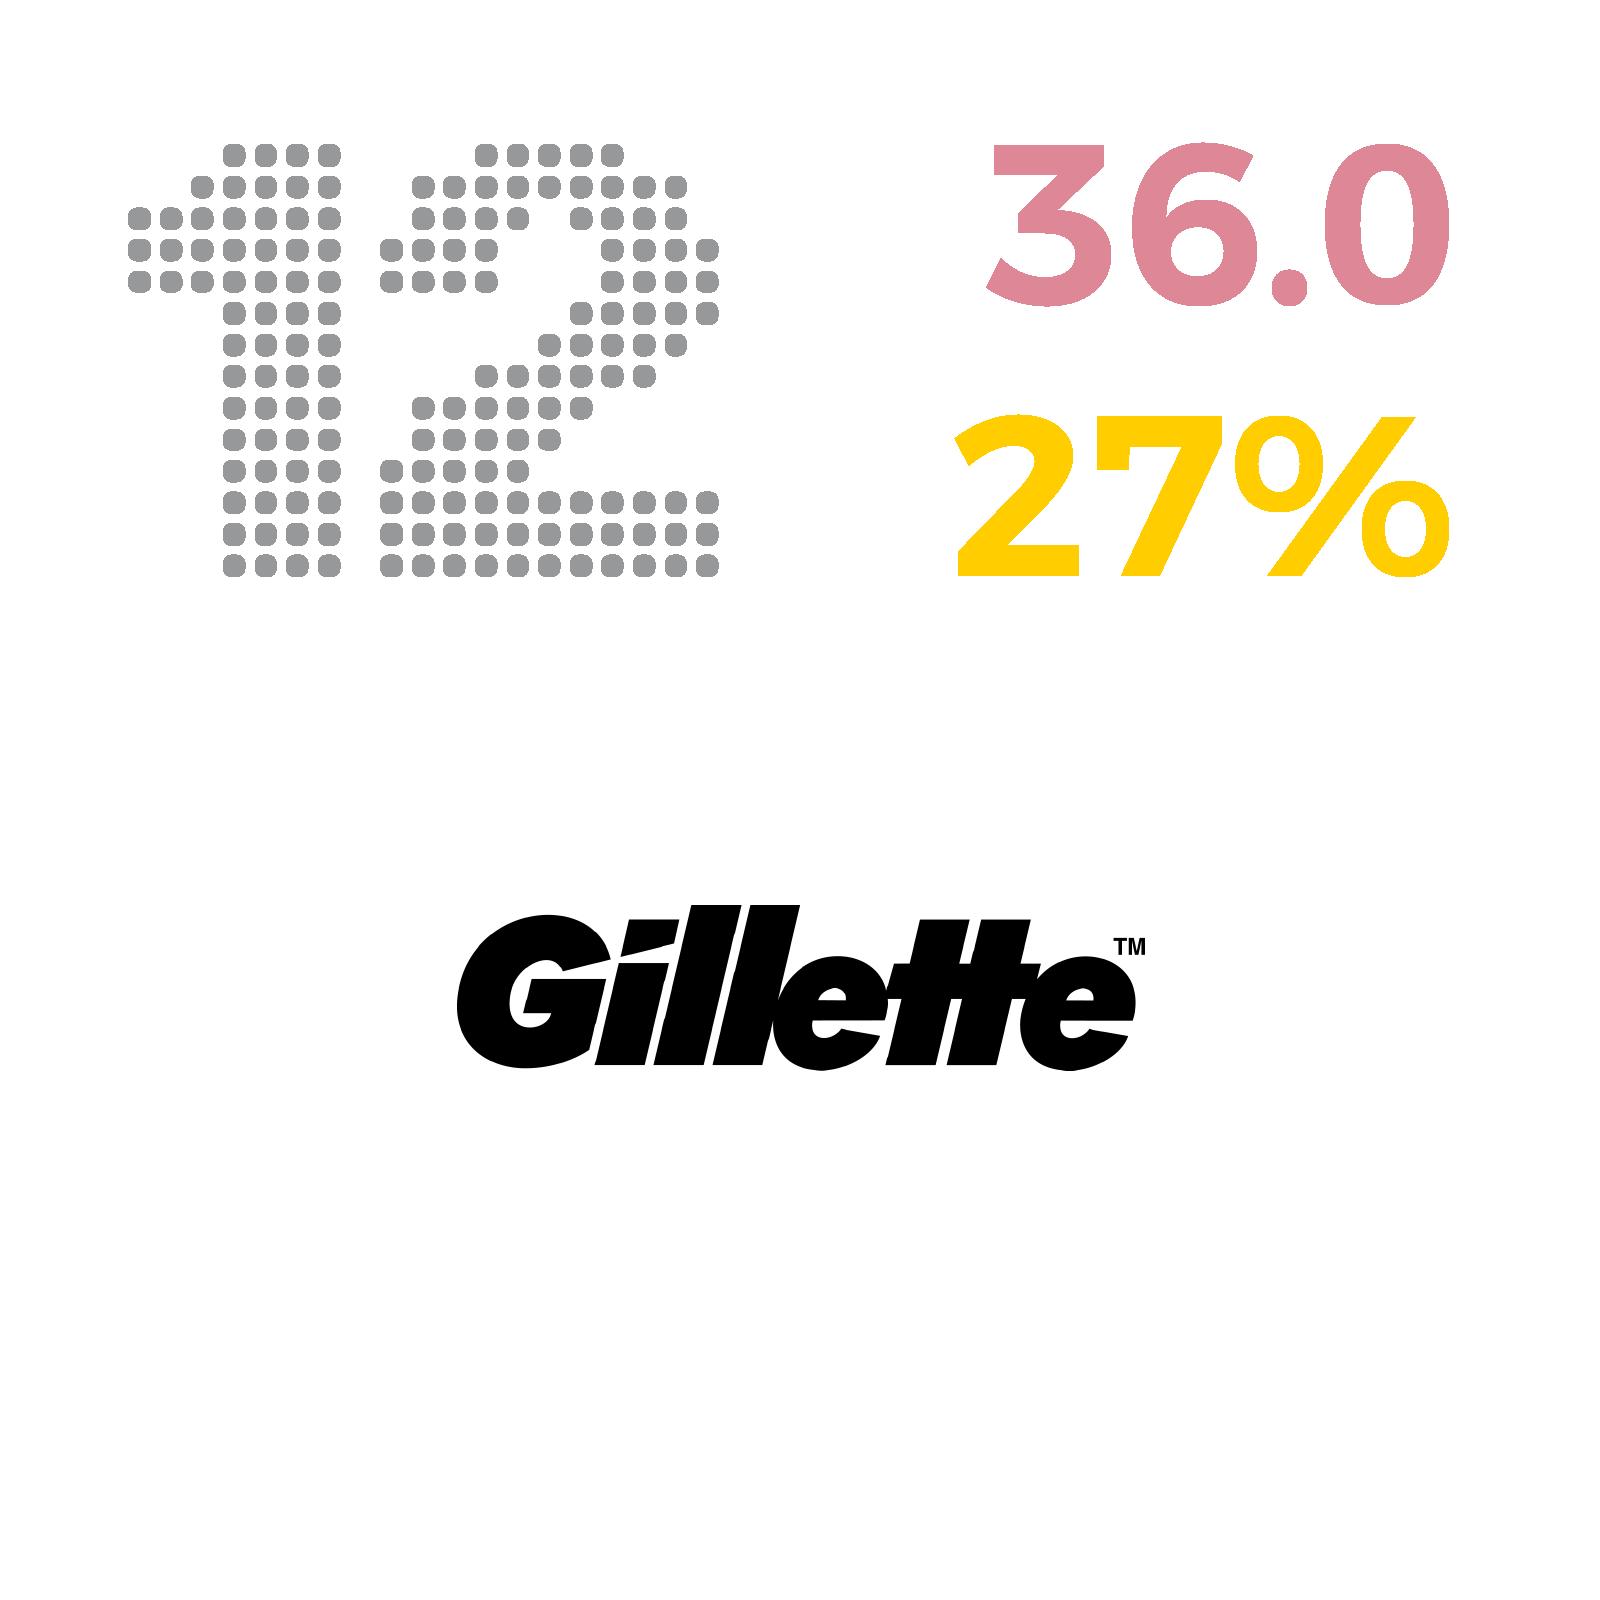 12_Gillette.png